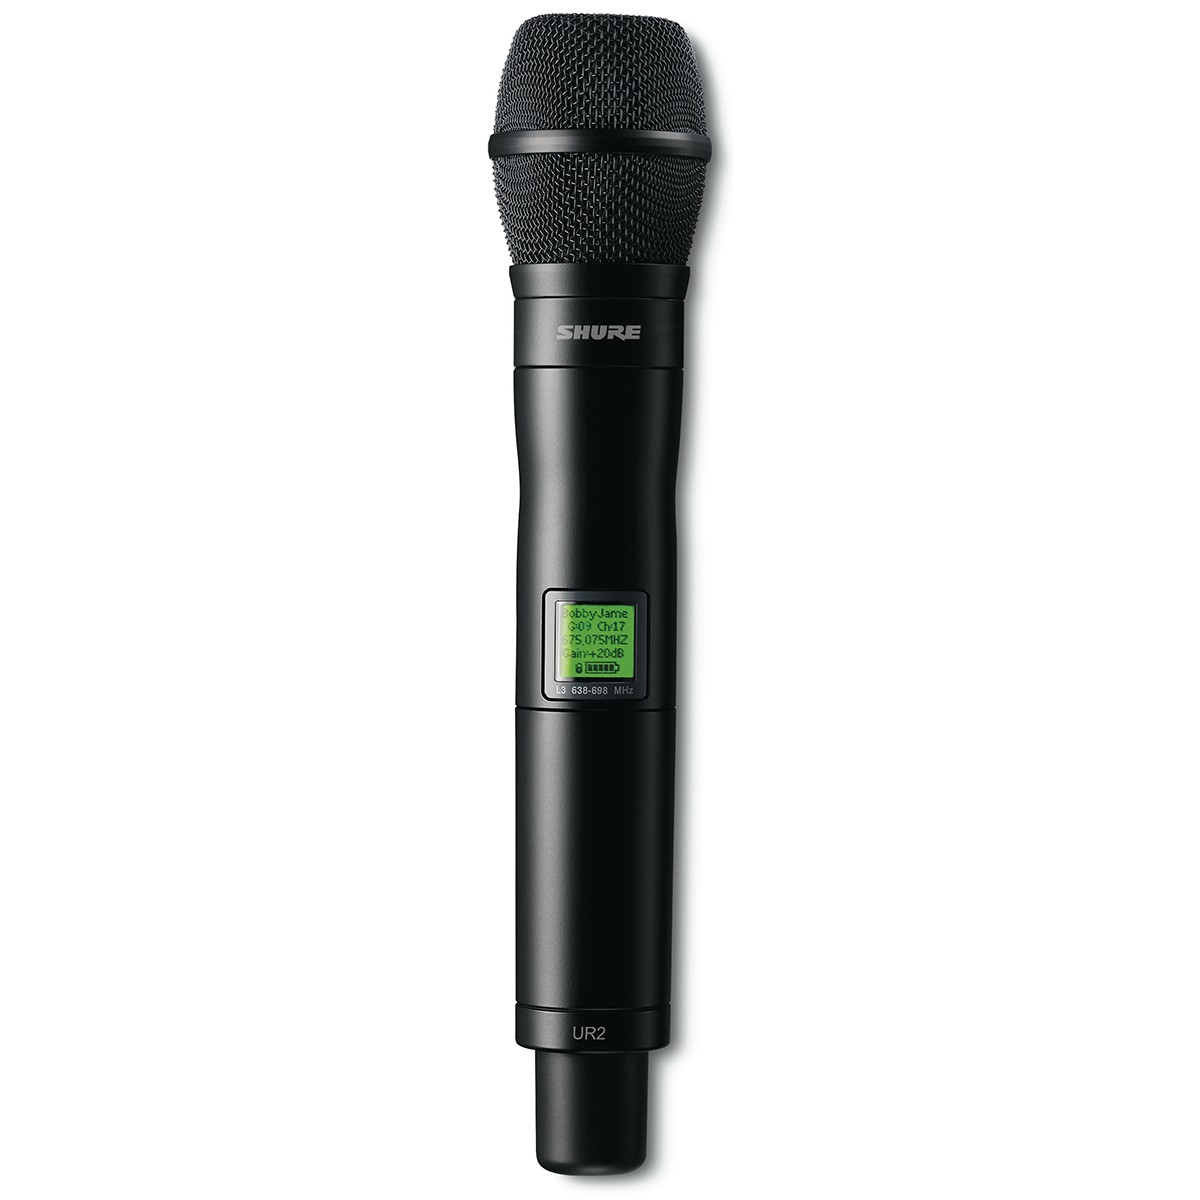 Shure UR2/KSM9 BK Microfone Transmissor Sem Fio UHF-R